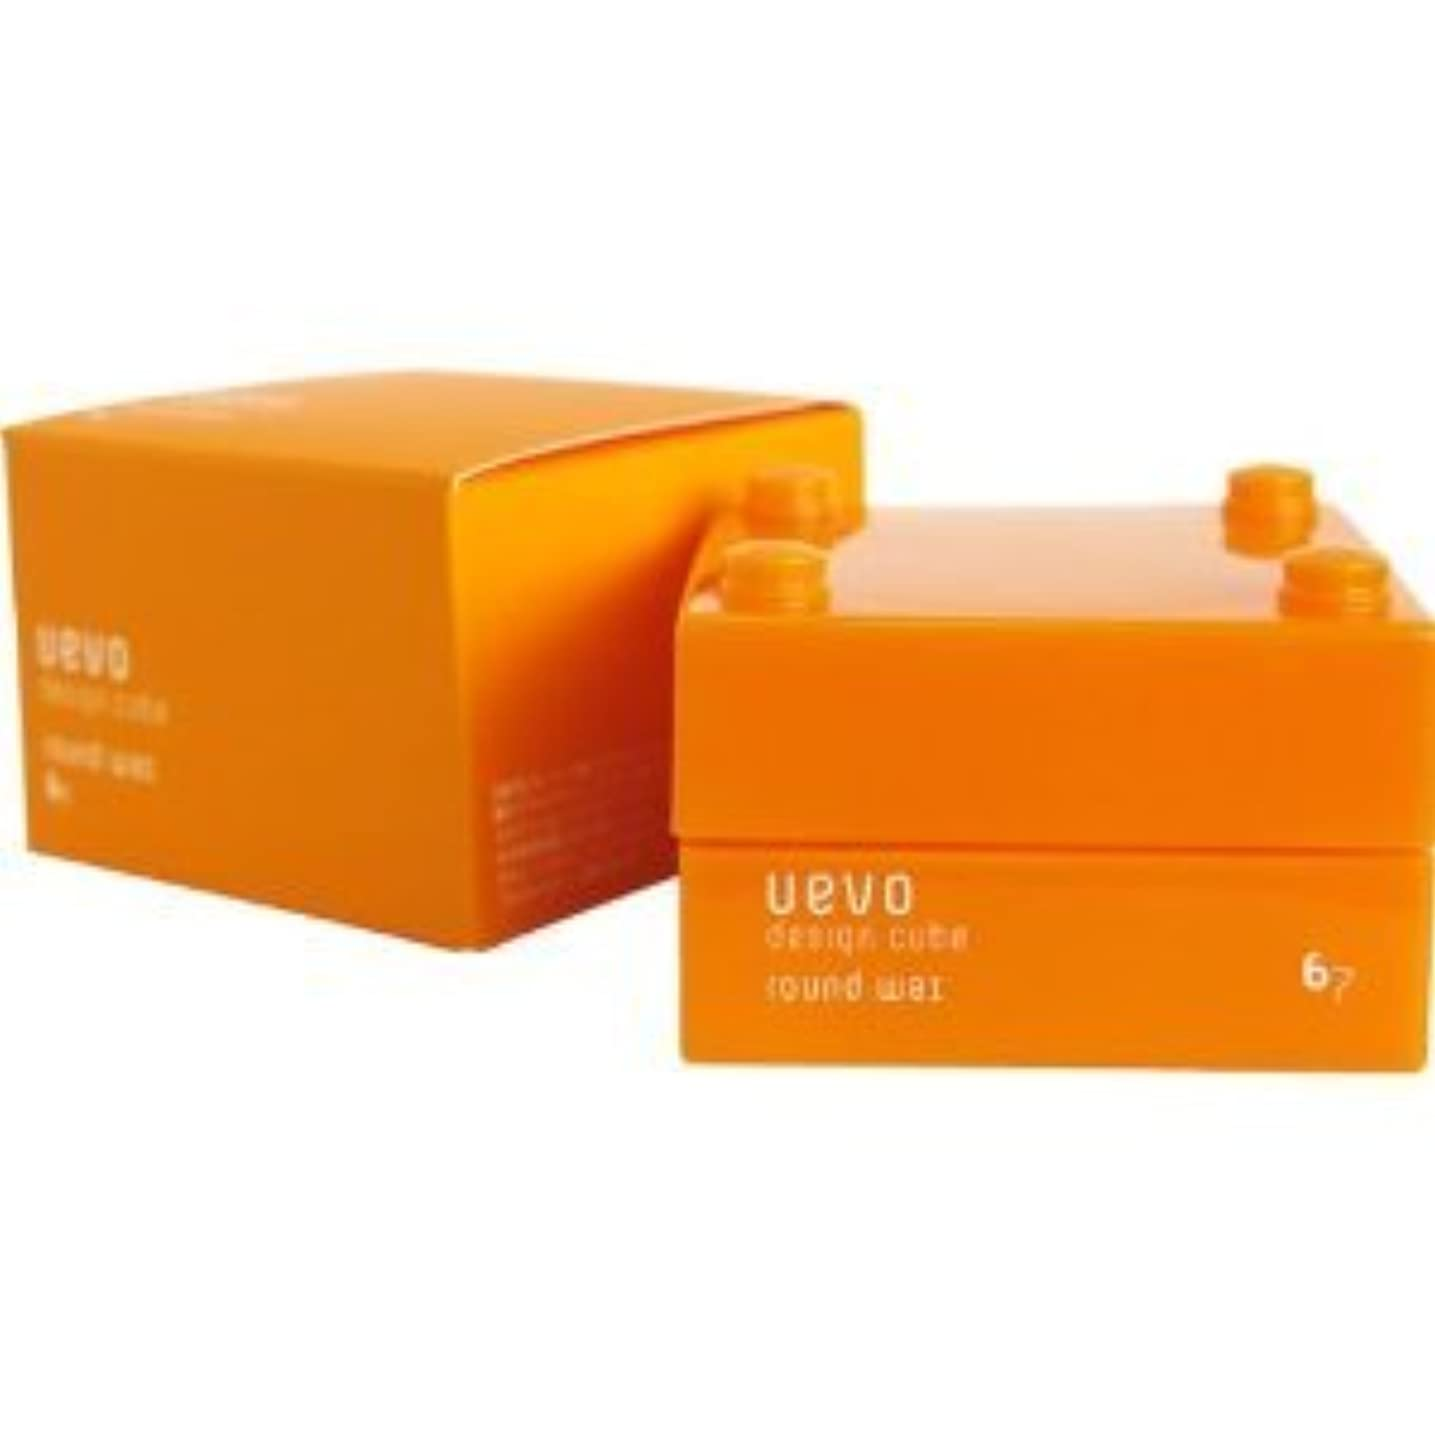 ポジティブ保険をかける慣れている【X2個セット】 デミ ウェーボ デザインキューブ ラウンドワックス 30g round wax DEMI uevo design cube